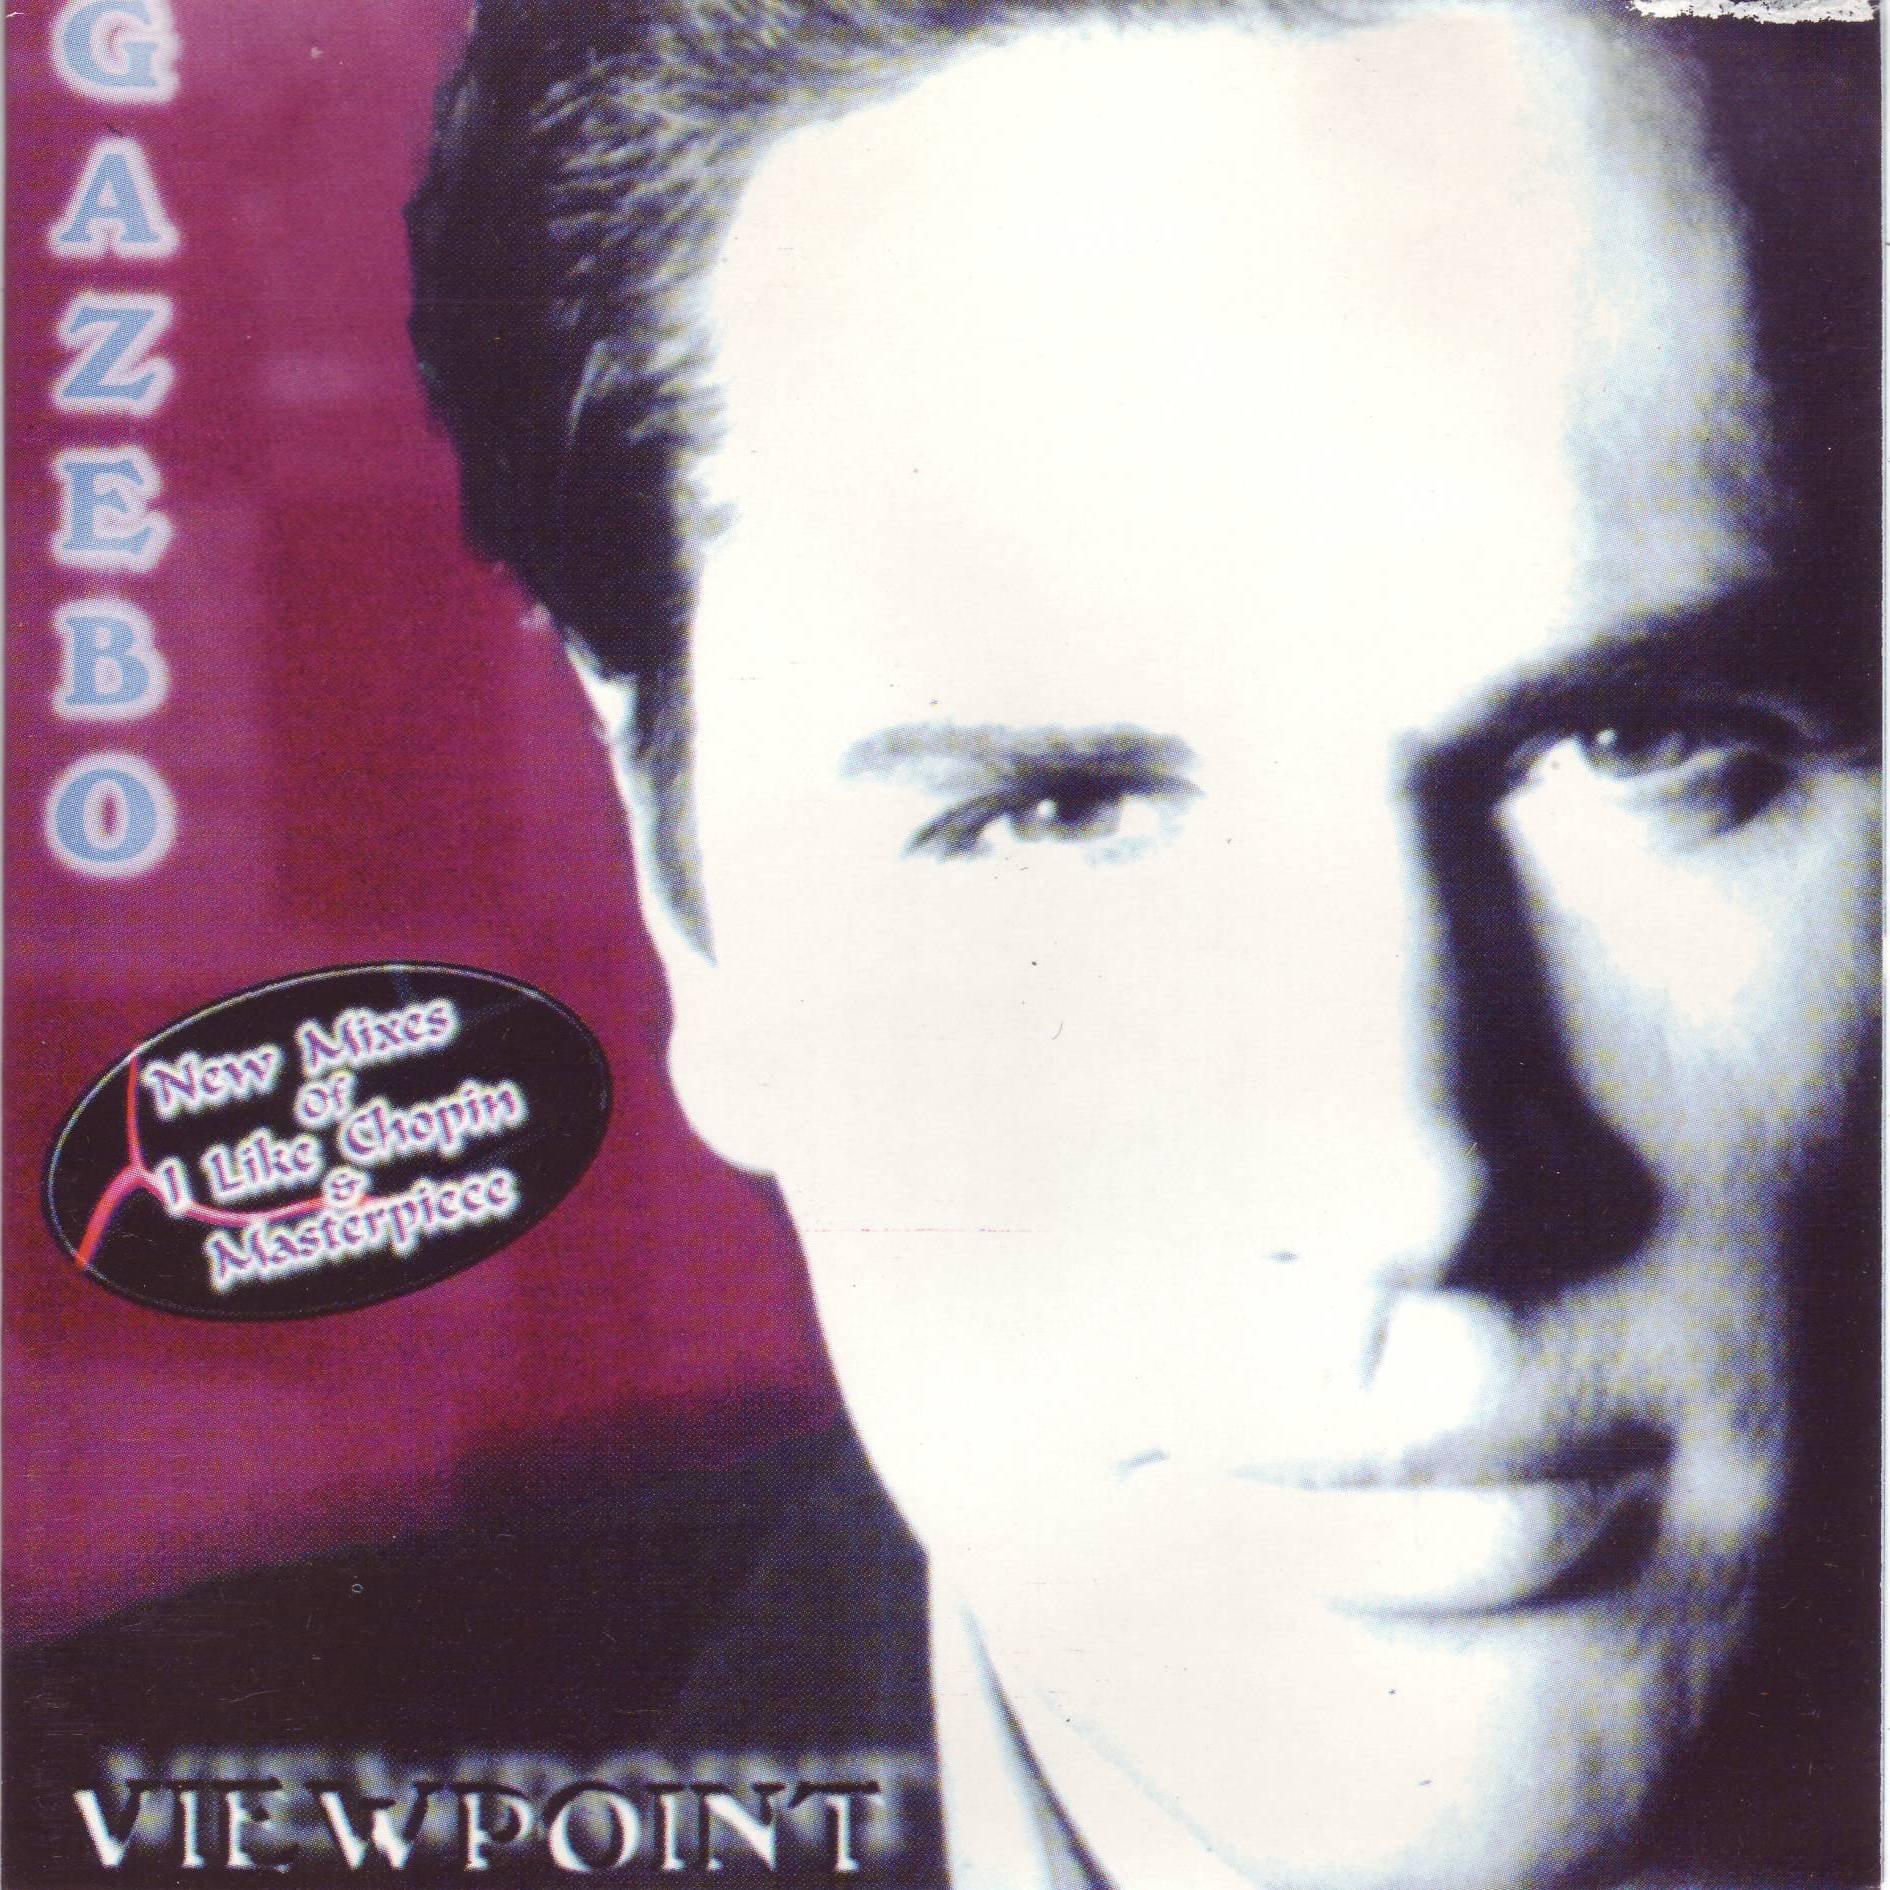 Gazebo album Viewpoint